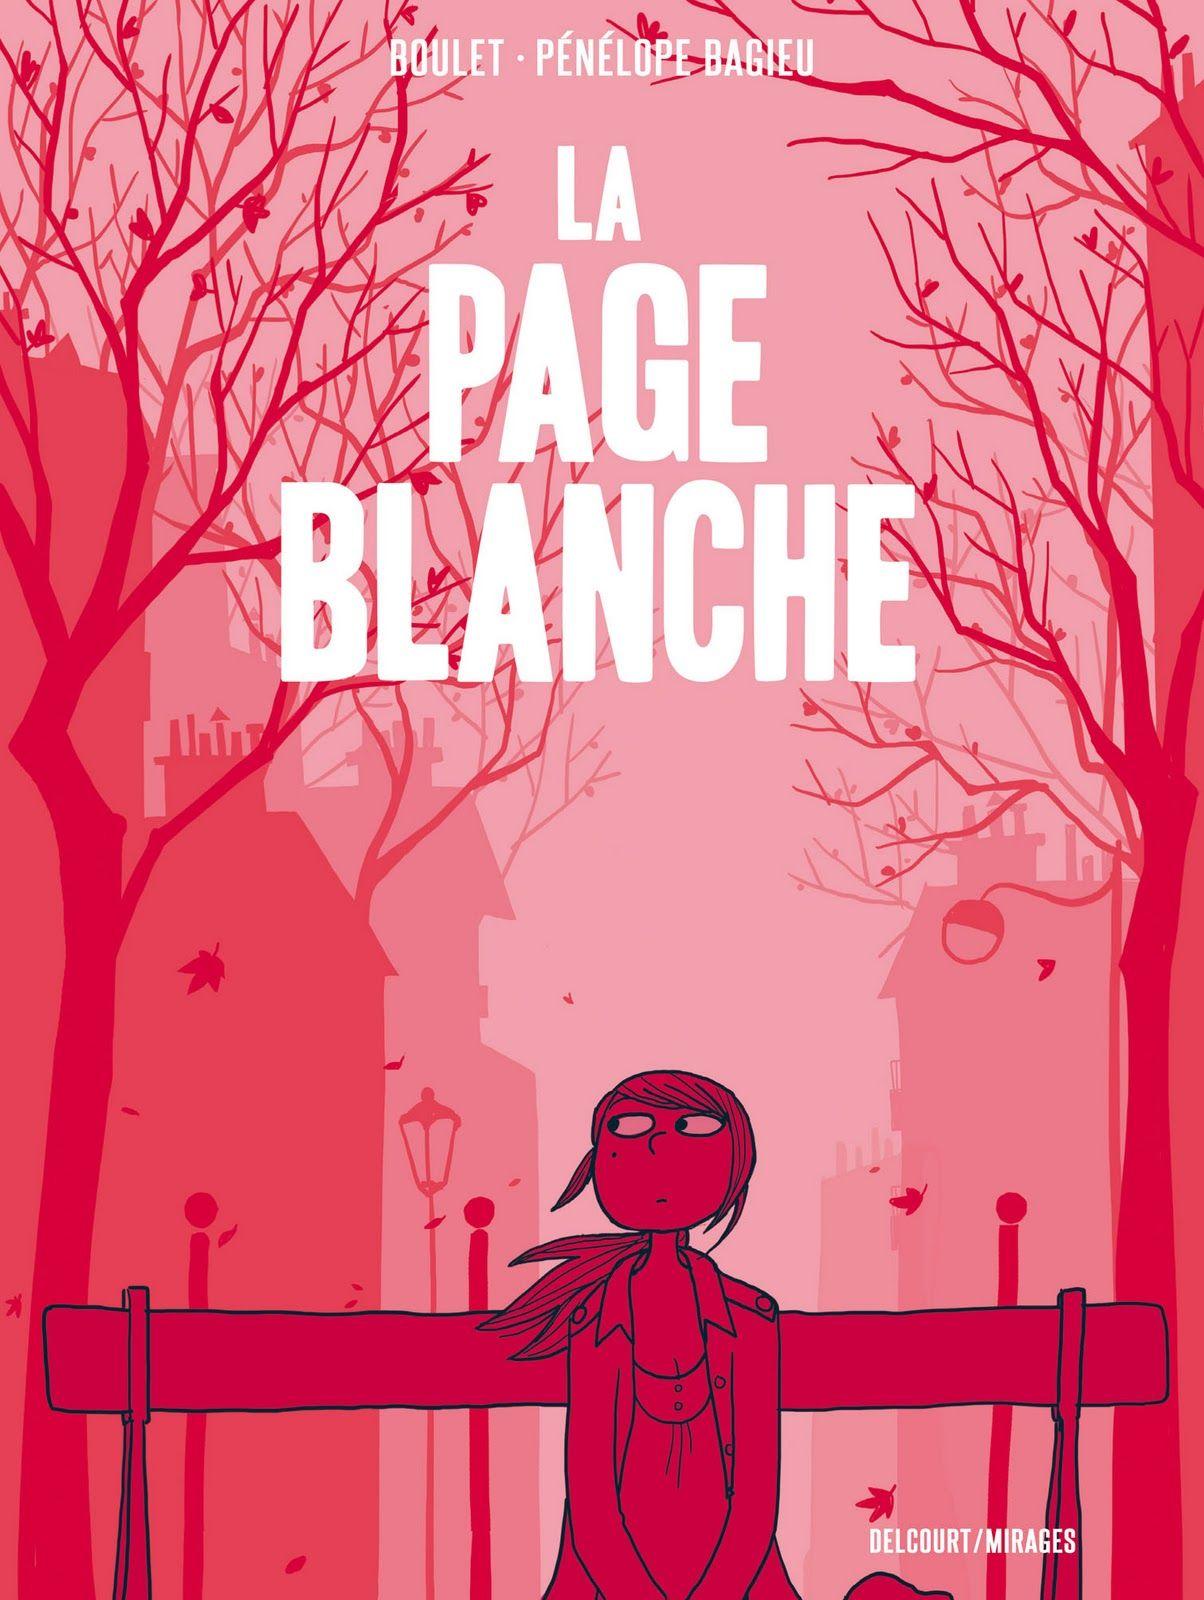 La Page blanche, Pénélope BAGIEU + BOULET #tranchedevie